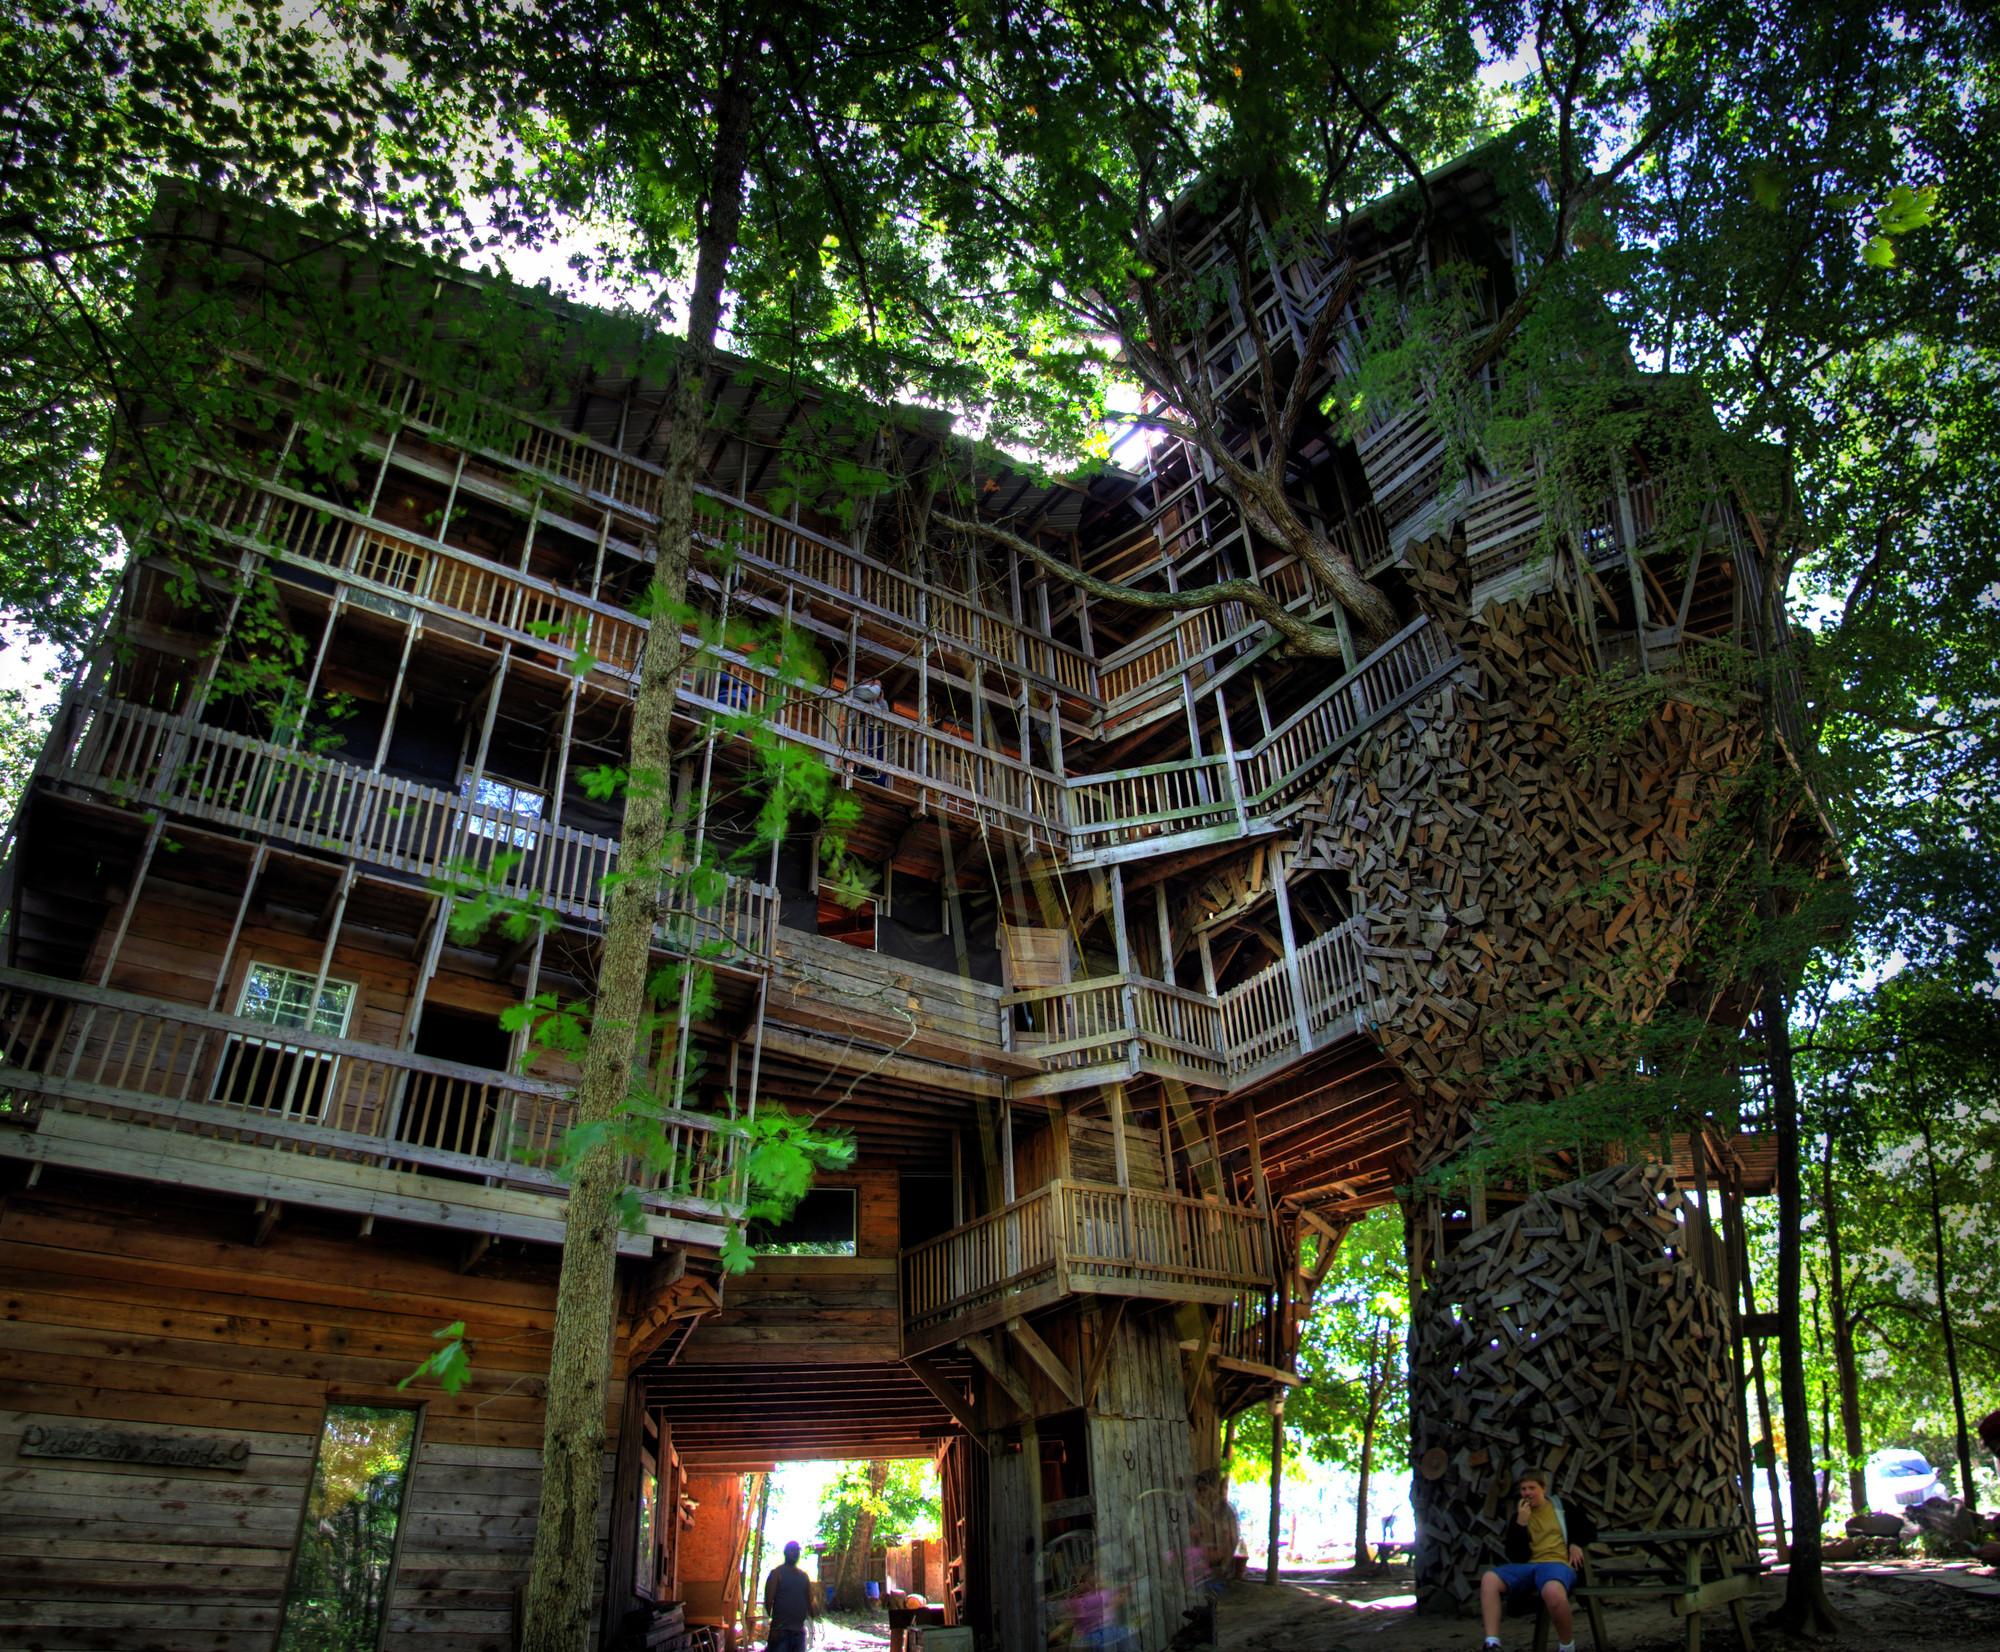 Arte y Arquitectura: La casa del Árbol más grande del mundo por Horace Burgess, © Chuck Sutherland